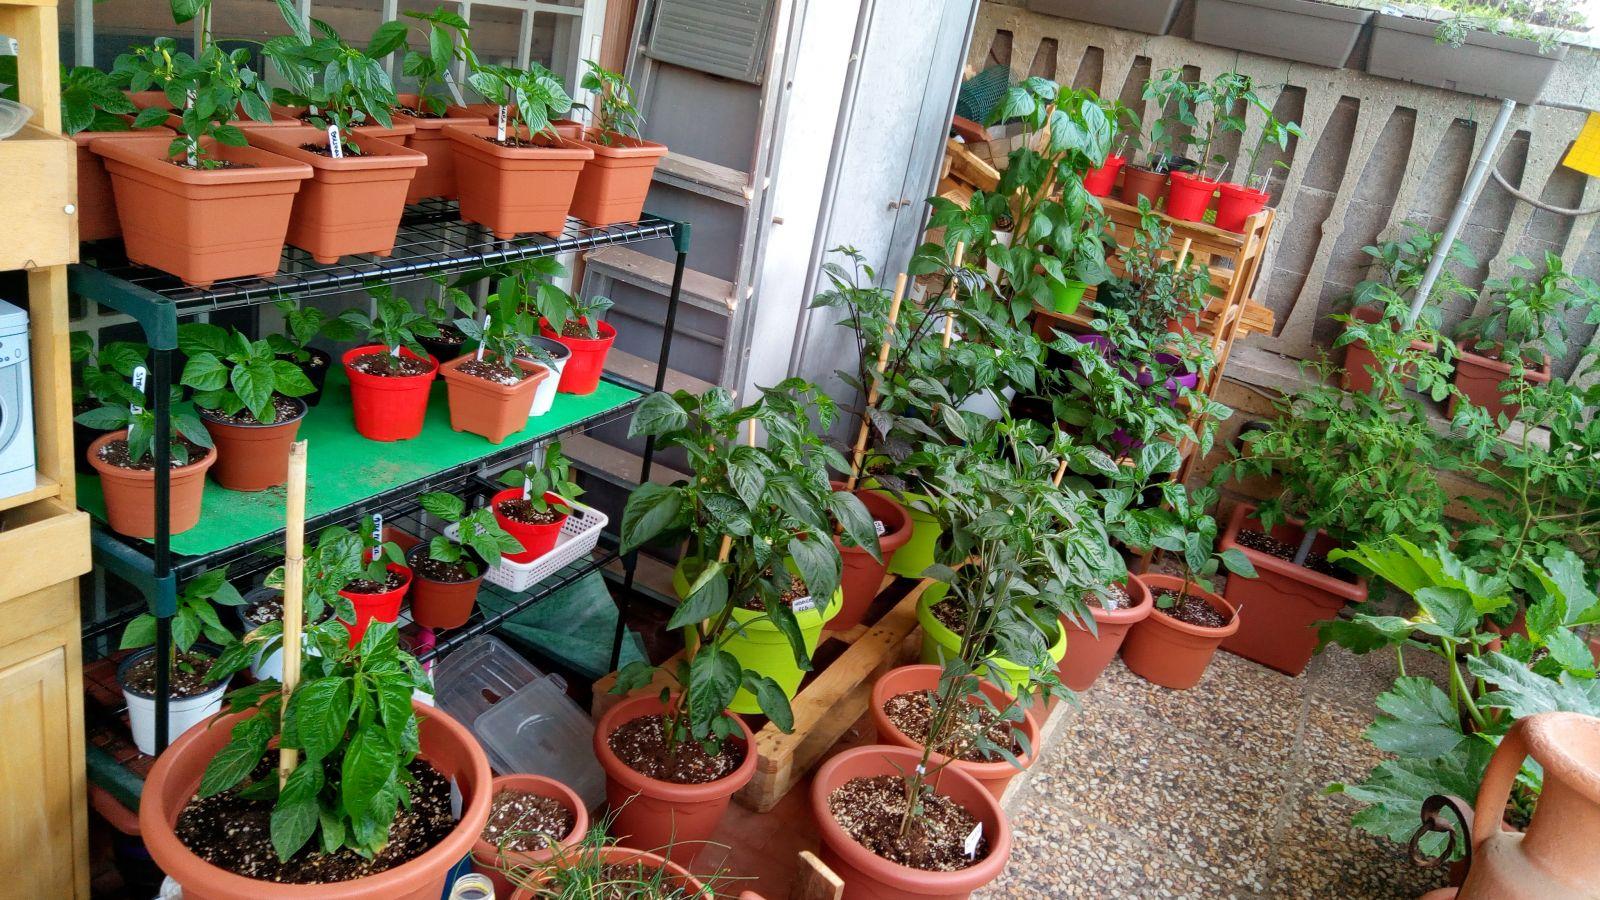 coltivazione 2017 06 06 19.40.20